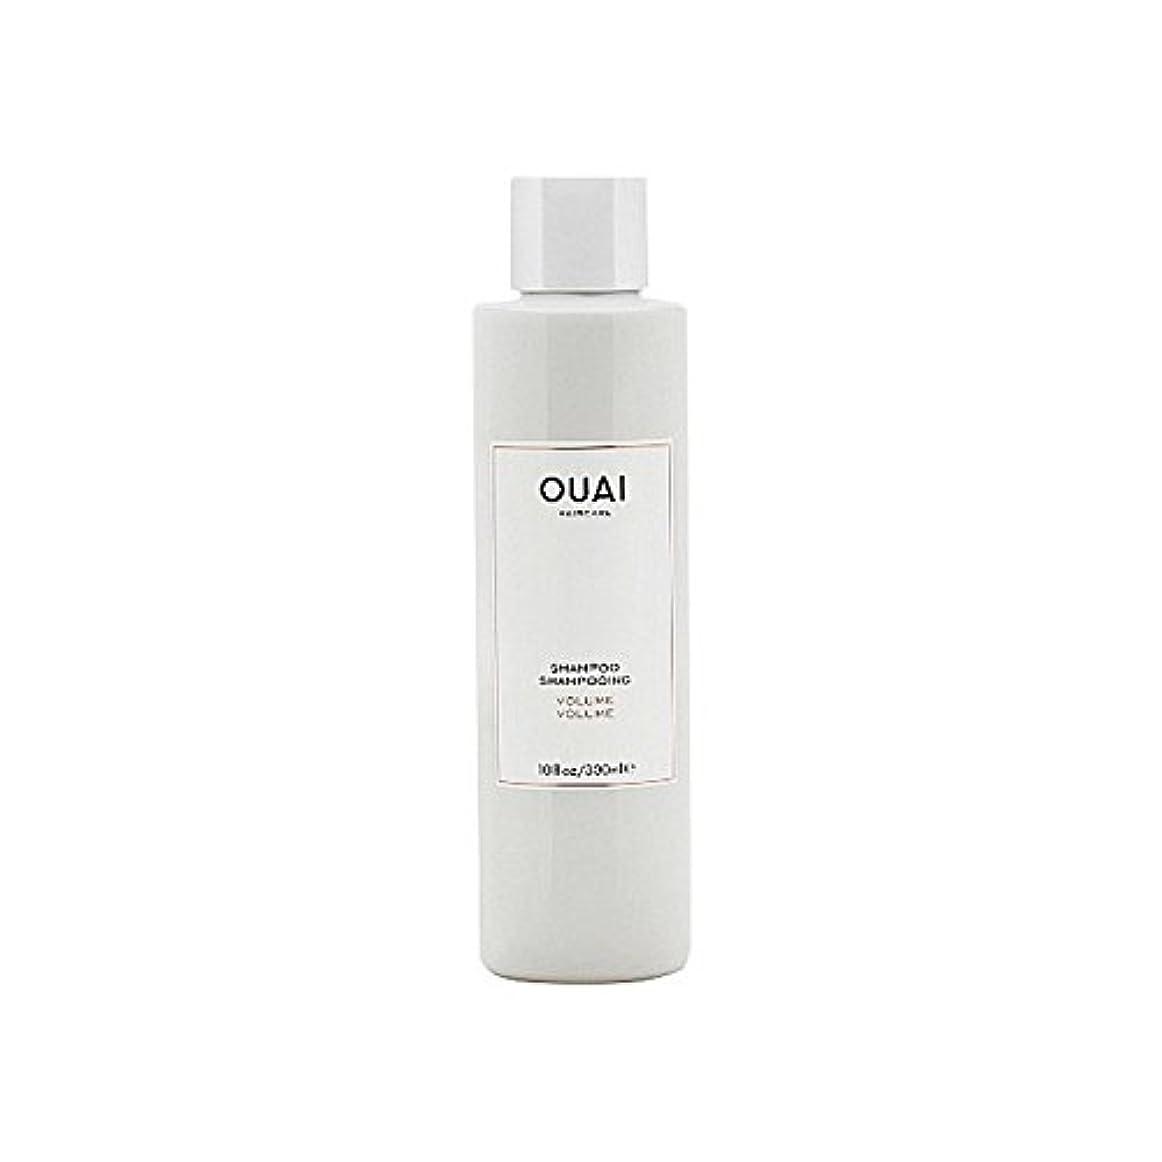 フェリー姪財産Ouai Volume Shampoo 300ml - ボリュームシャンプー300ミリリットル [並行輸入品]